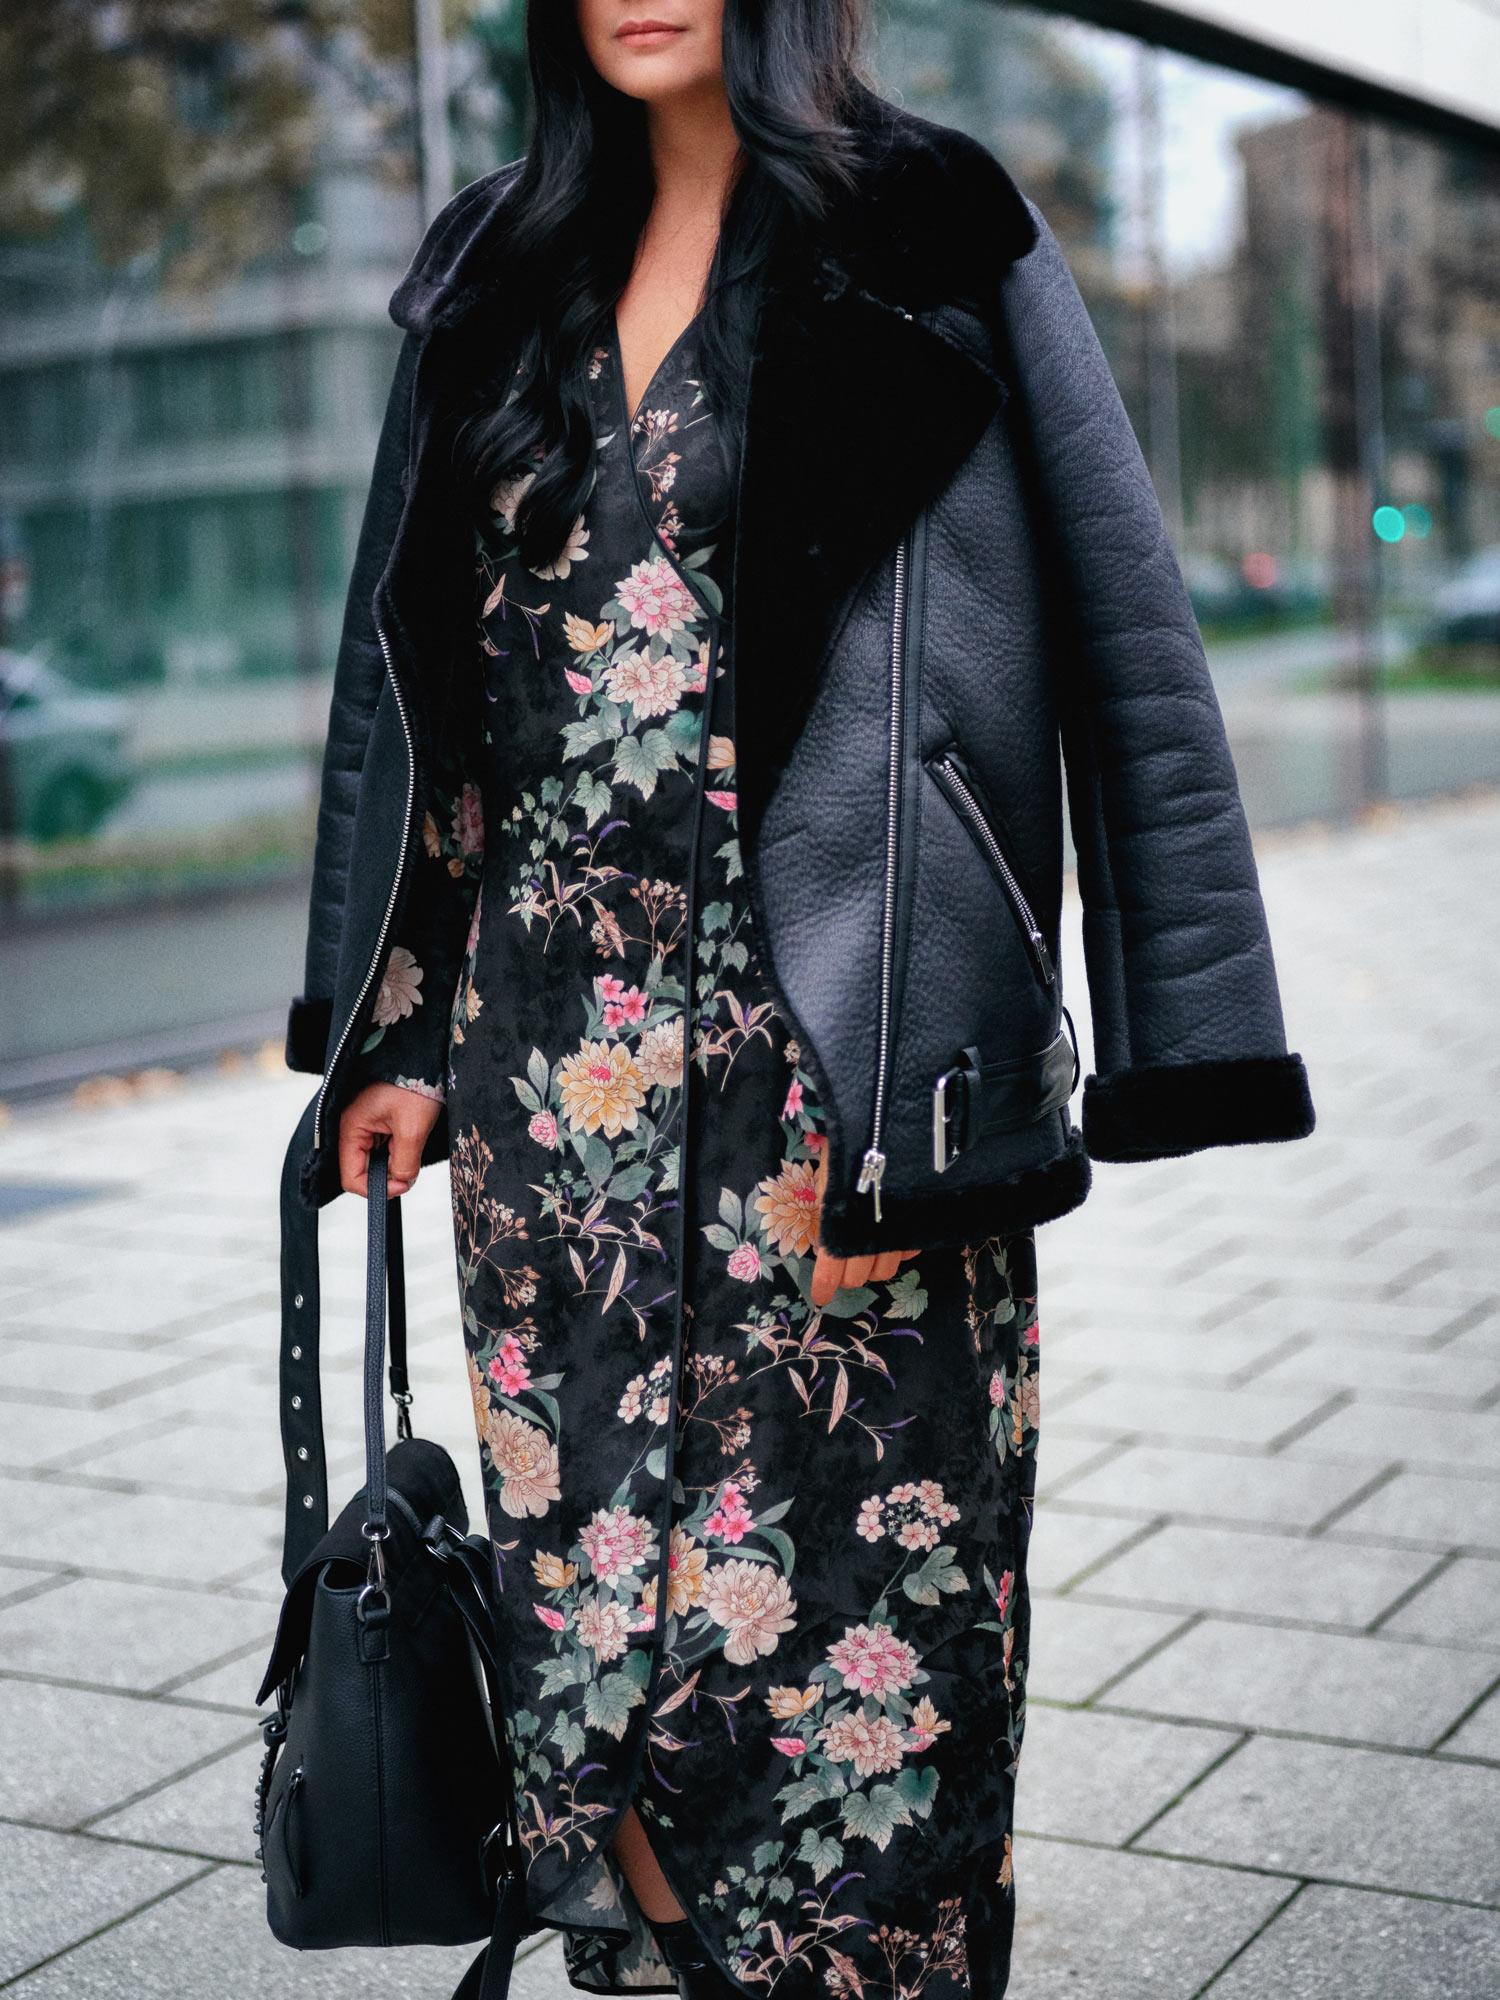 fashion-blogger-bloggerdeutschland-fashionblogger-fashionblog-lifestyleblogger-beautyblogger-modeblogger-modeblog-munich-blog-muenchen-ein-kleid-fuer-die-weihnachtsfeier